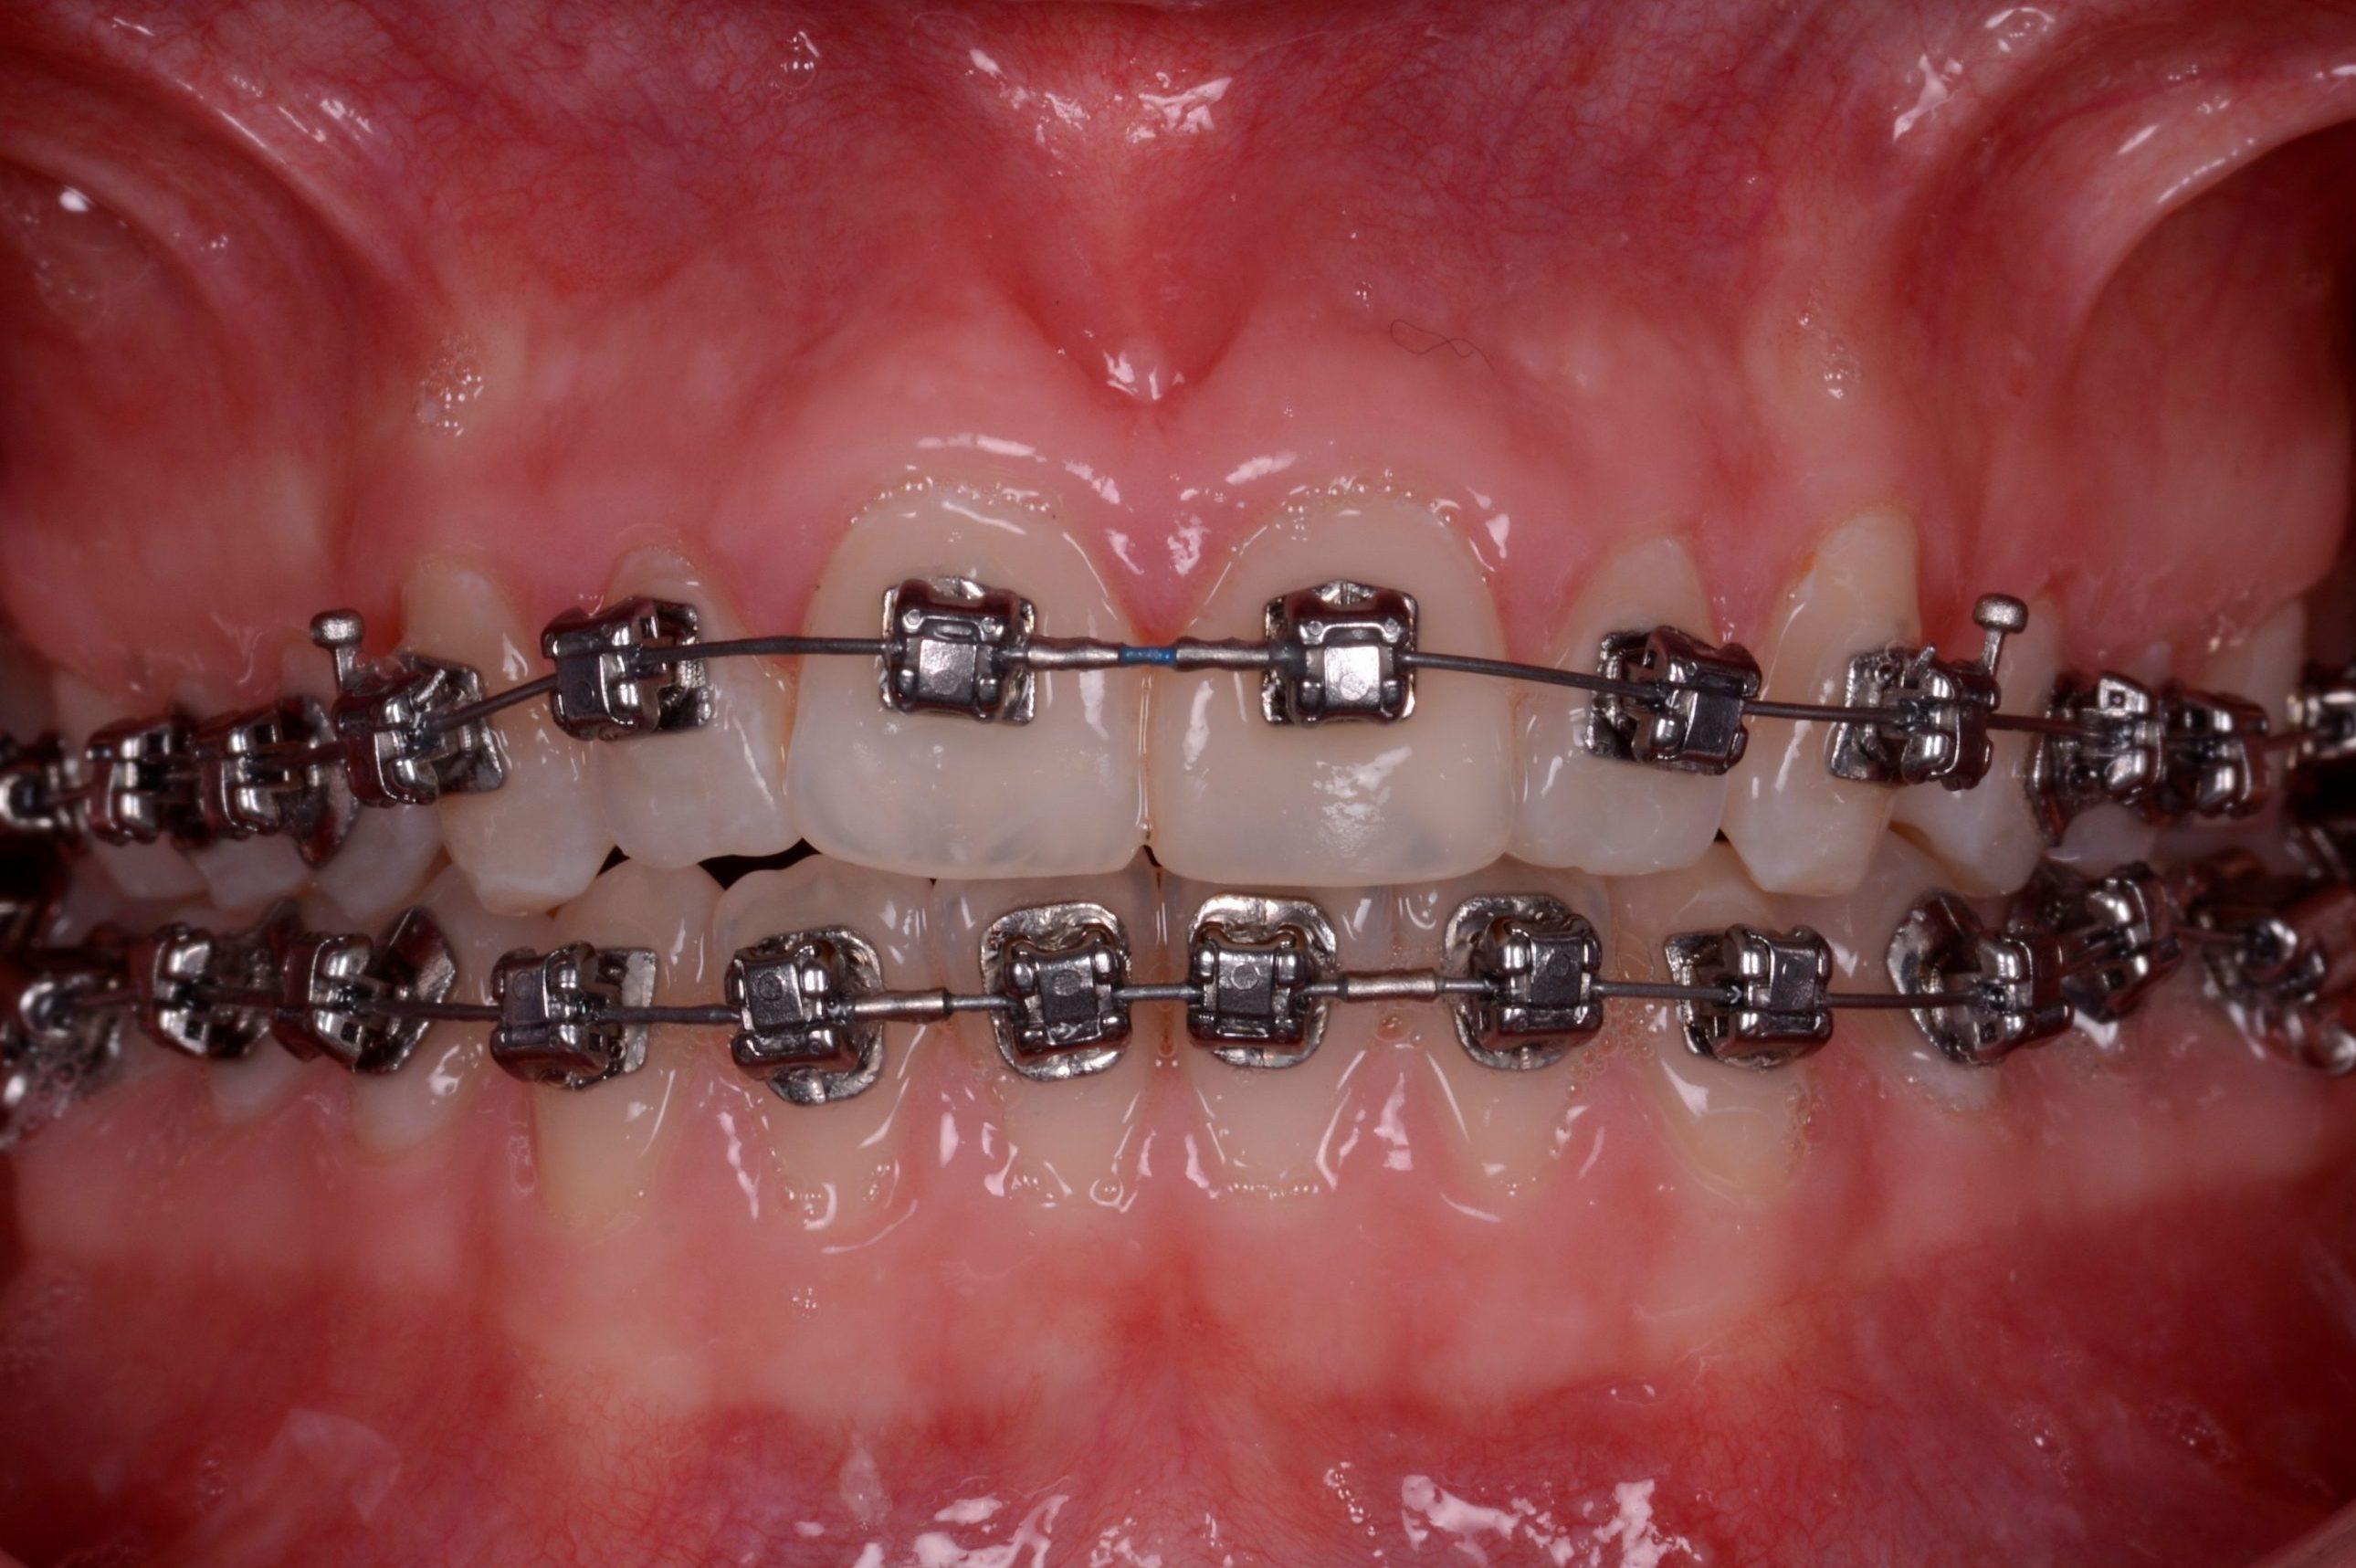 Insignia, beugel, brackets, vaste beugel, mp3 tandartsen, ormco, beugel plaatsen, beugel schoonhouden, mondhygiene